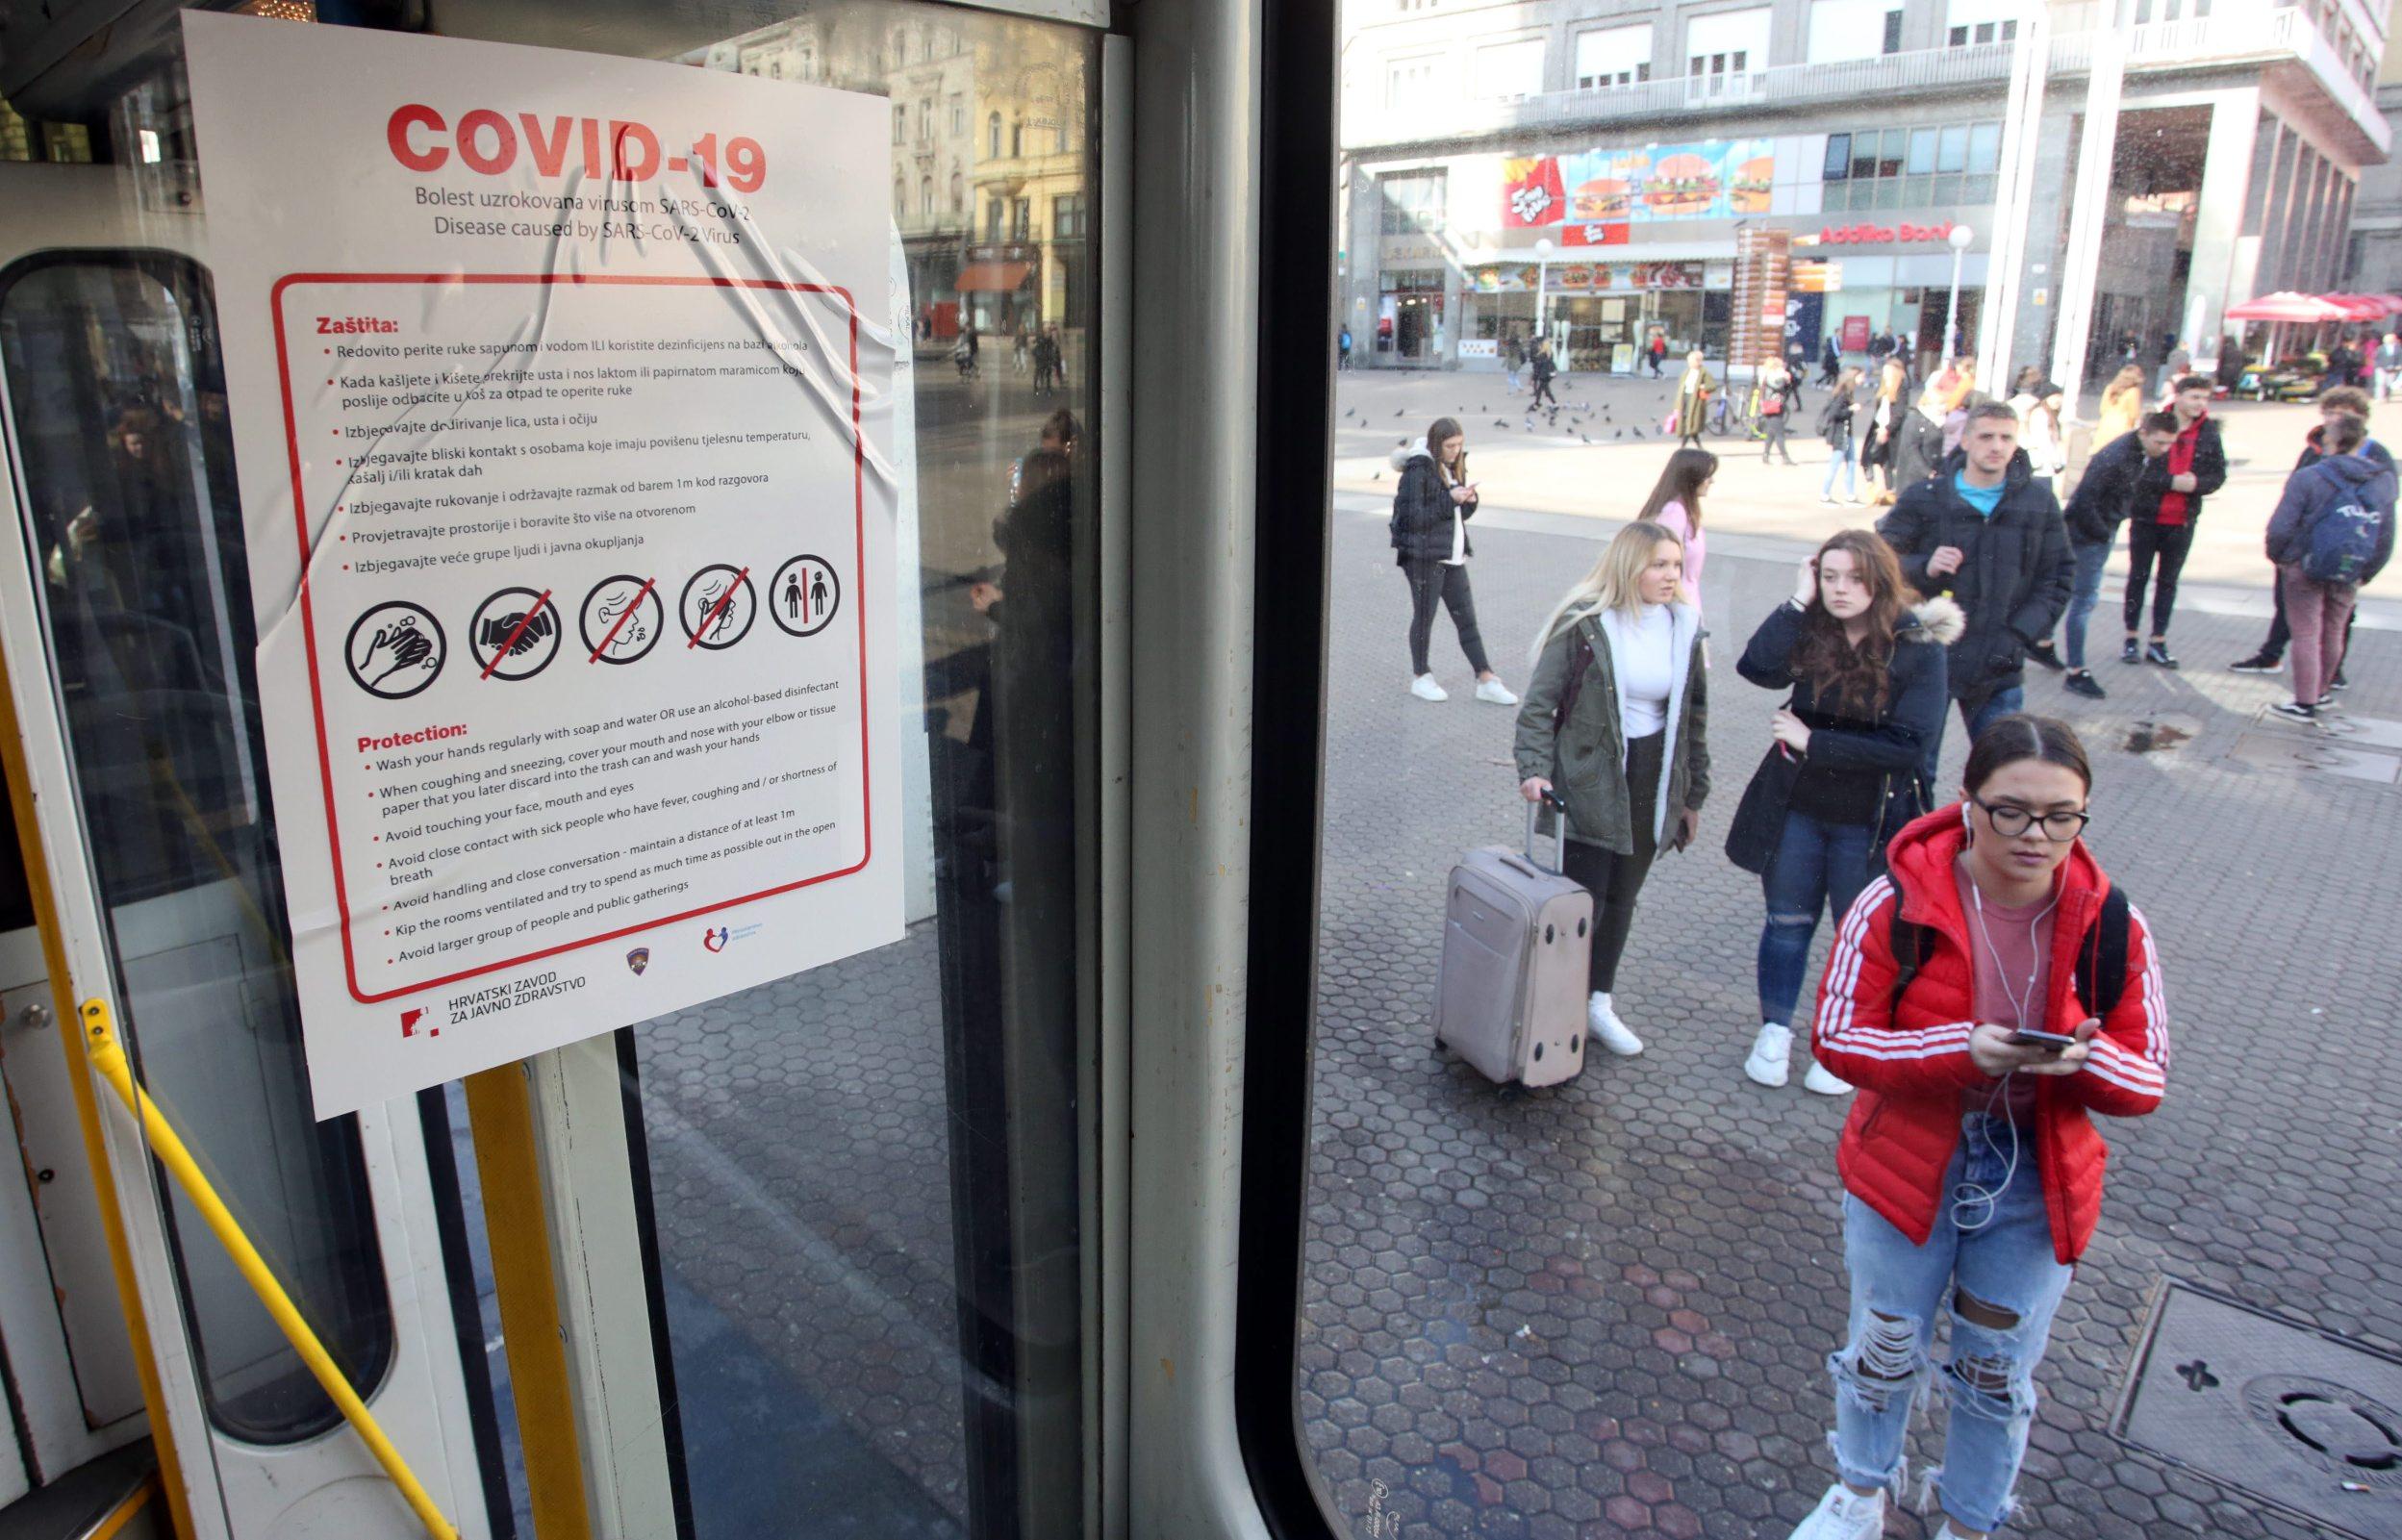 Zagreb, 060320. Trg bana Josipa Jelacica. ZET plakatima u svojim vozilima savjetuje gradjanje kako se zastiti od  koronavirusa.   Foto: Damjan Tadic / CROPIX